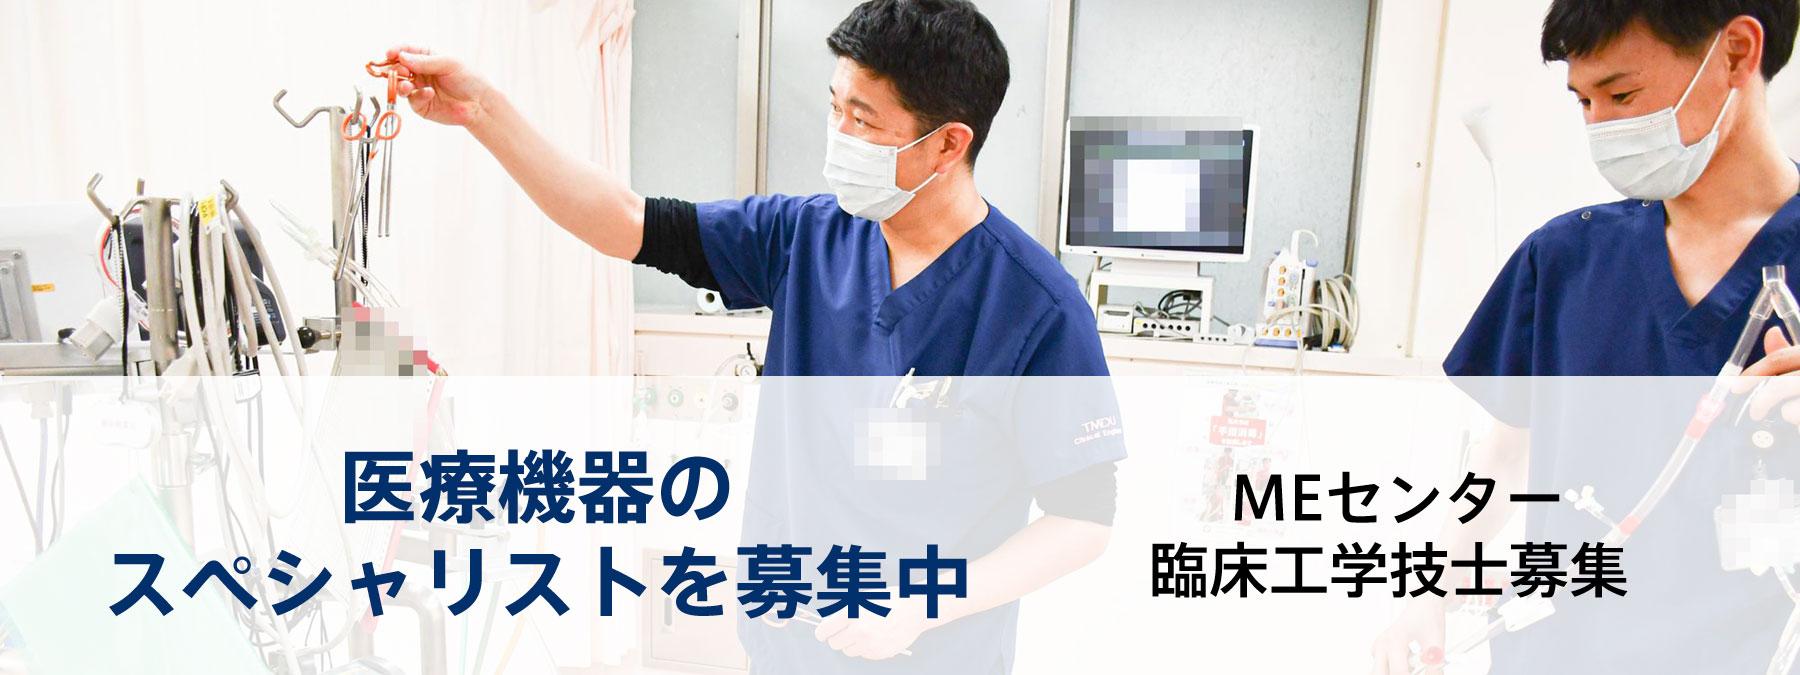 医科 病院 コロナ 東京 歯科 大学